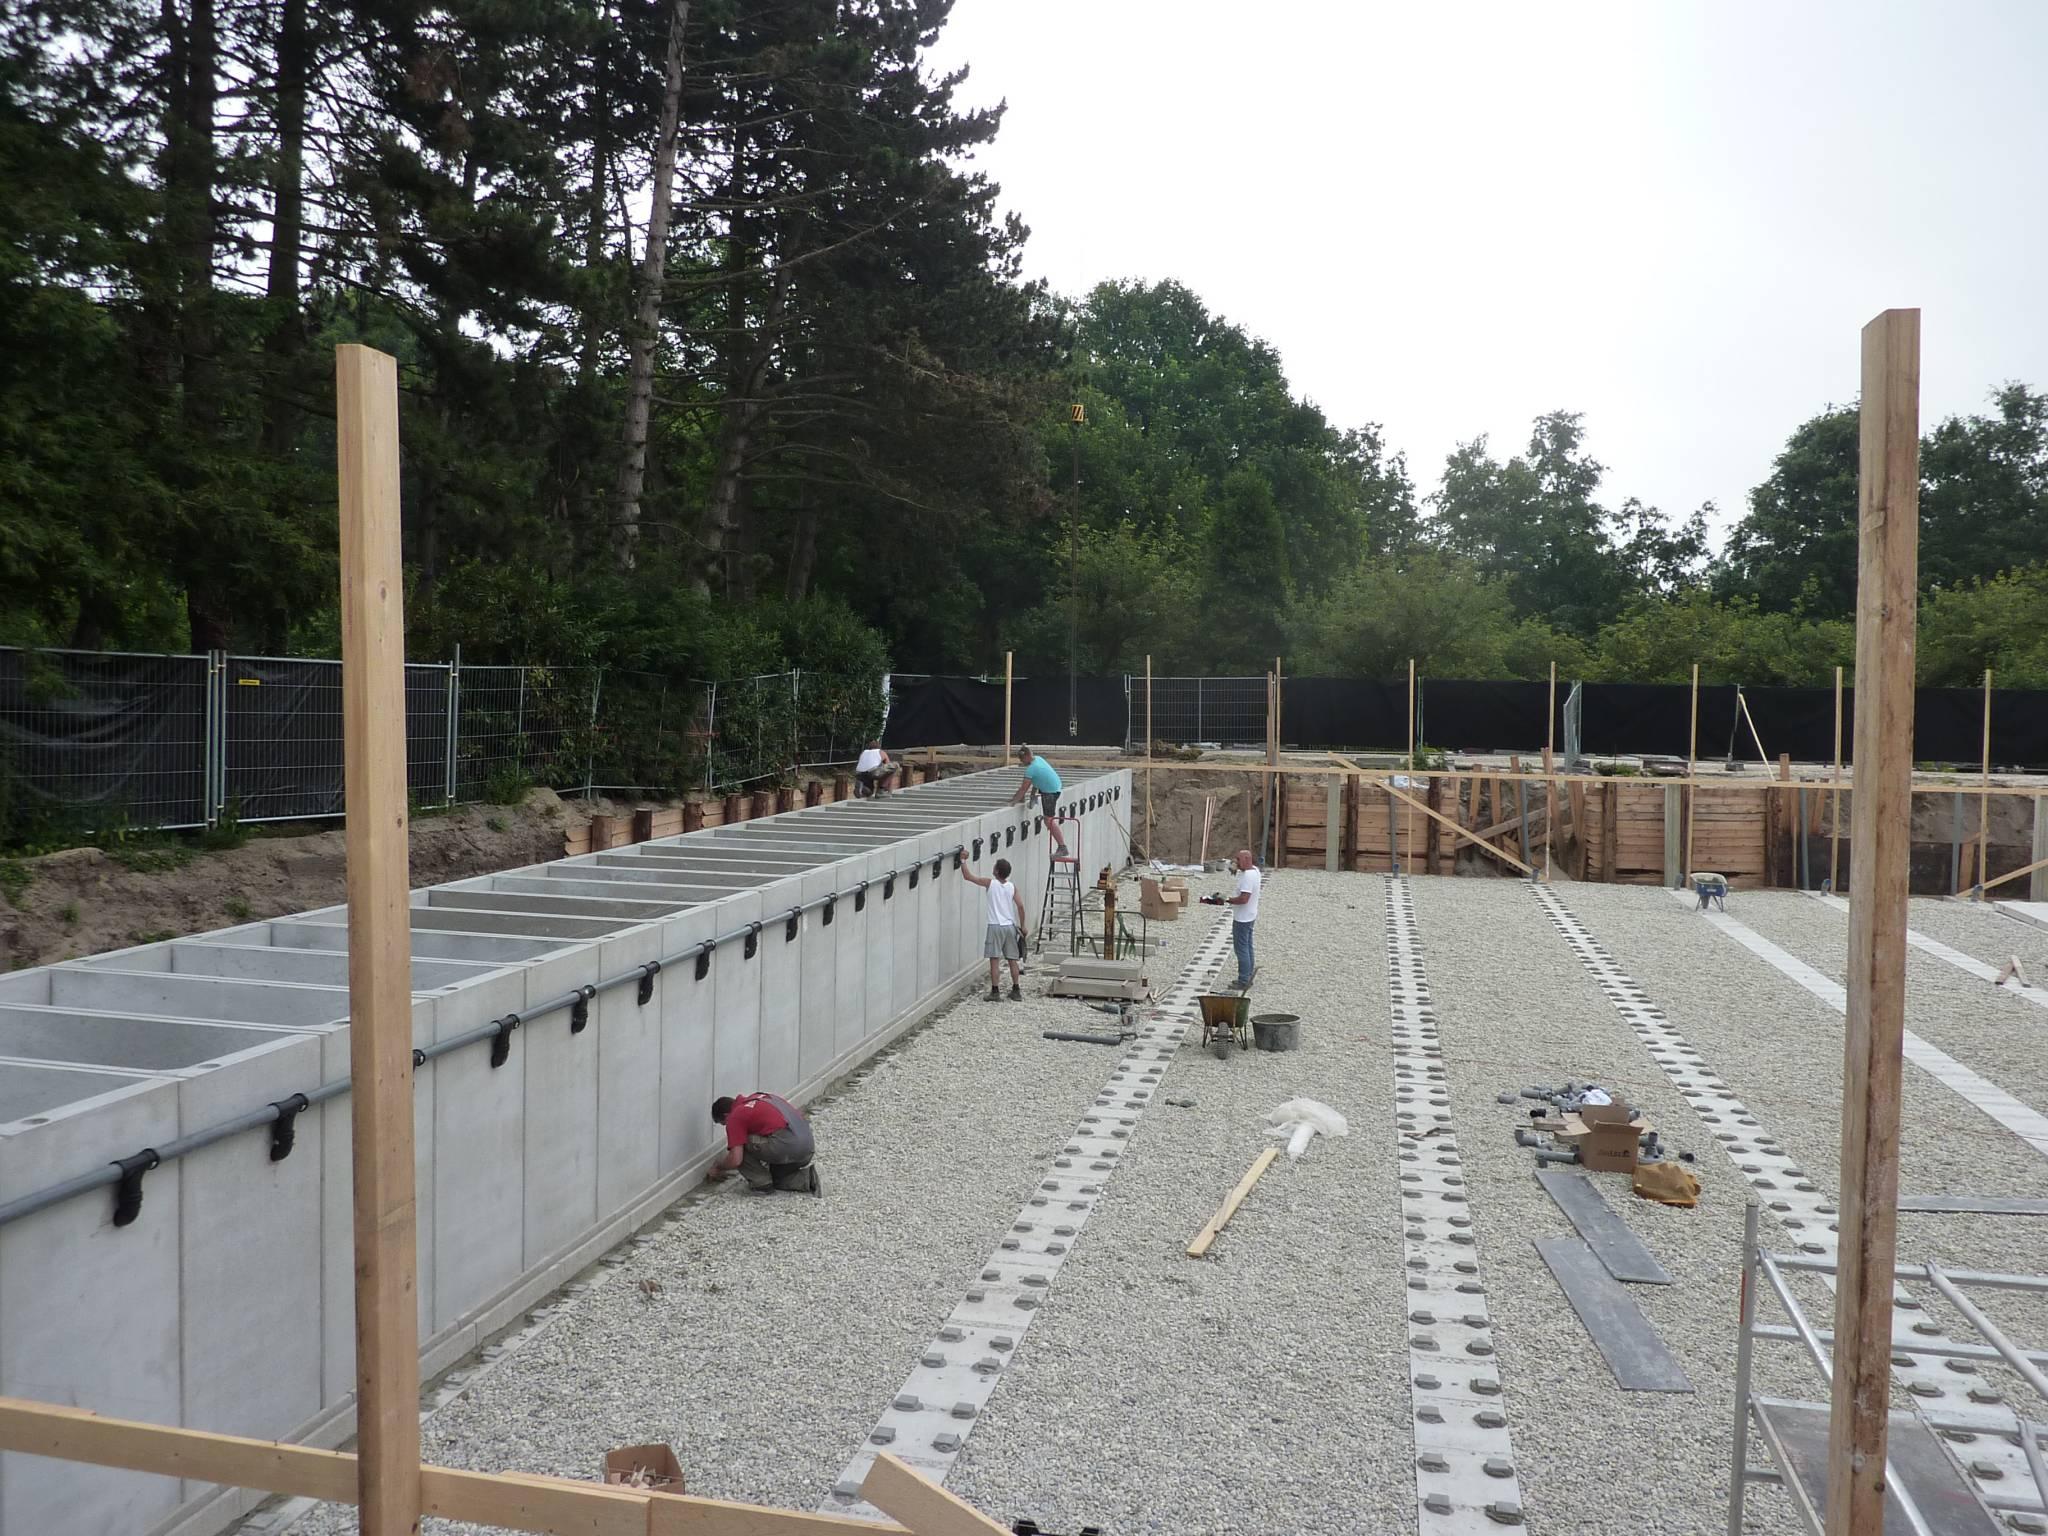 Aannemingsbedrijf Fronik Infra B.V. in Mijdrecht begraafplaats Zorgvlied, aanleg mausoleum 't Lalibellum